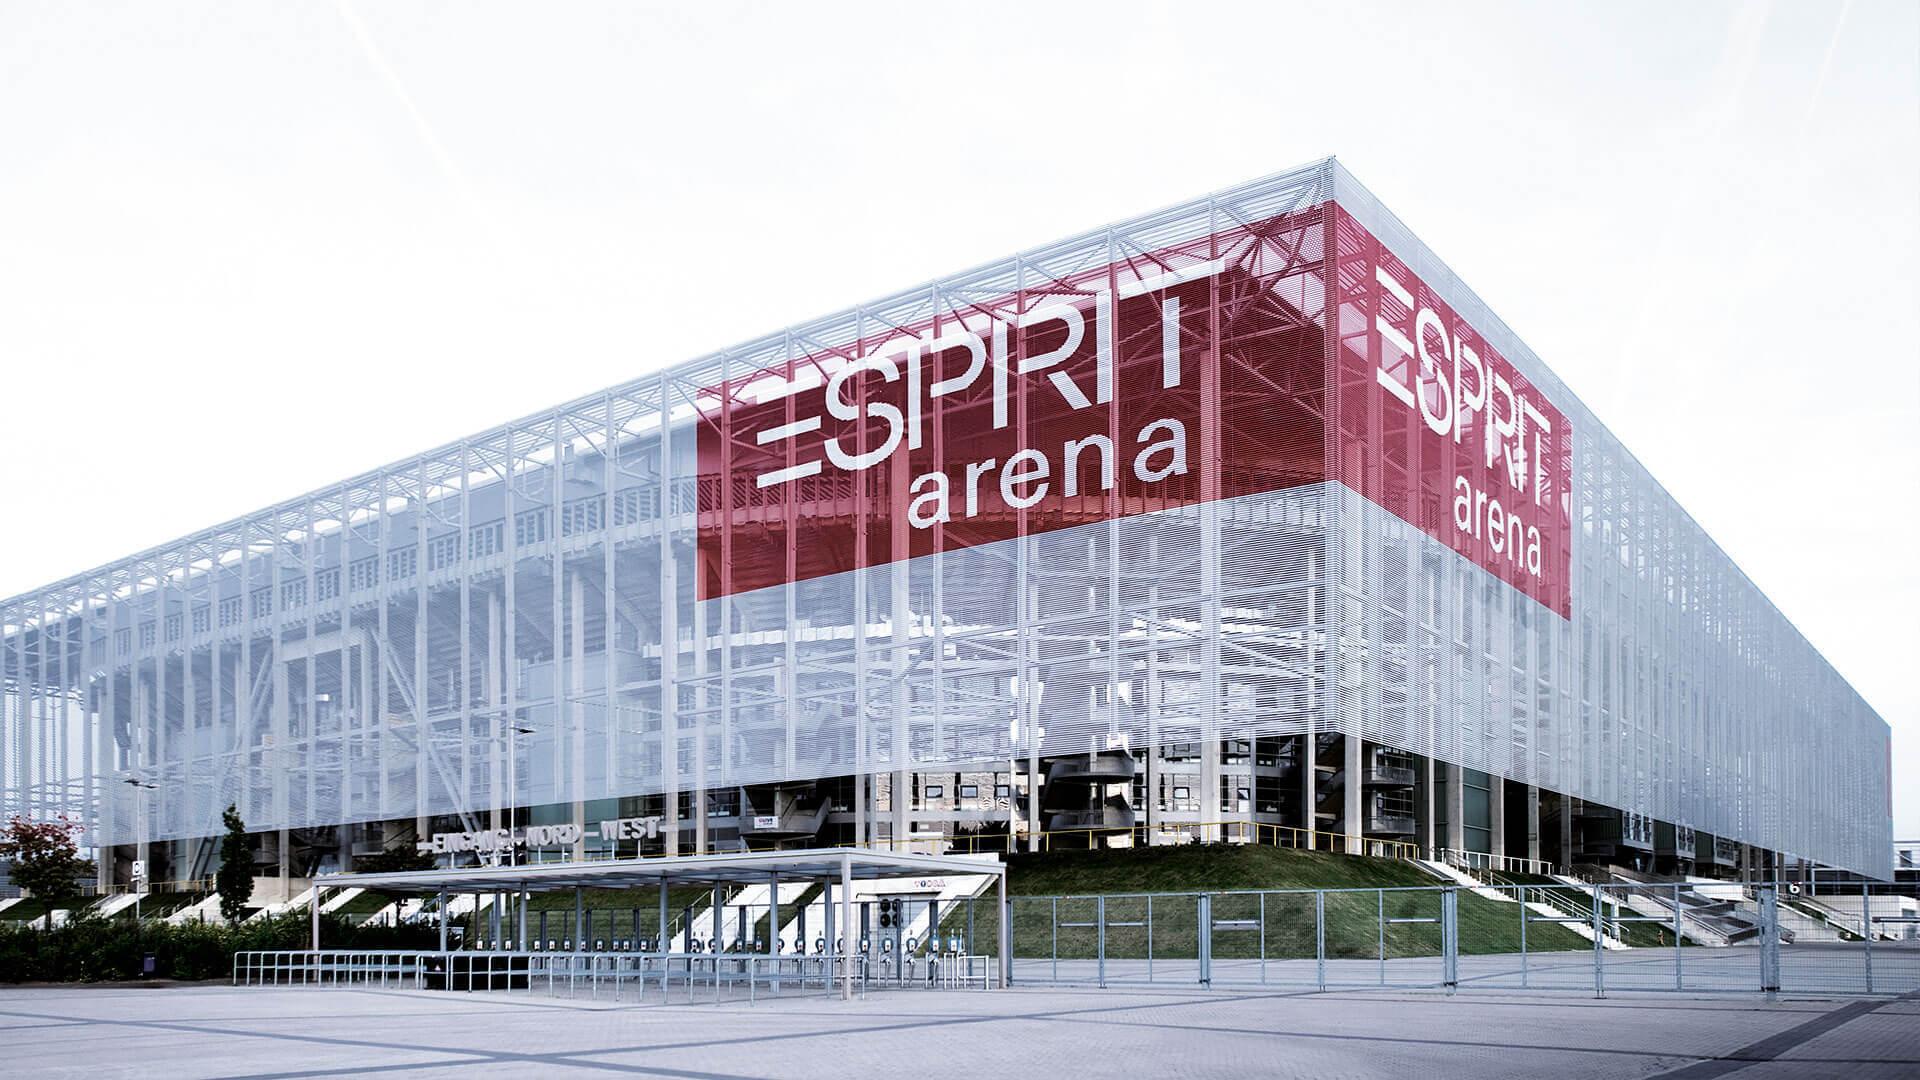 Esprit arena merkur spielarena sop architekten - Architekten in dusseldorf ...